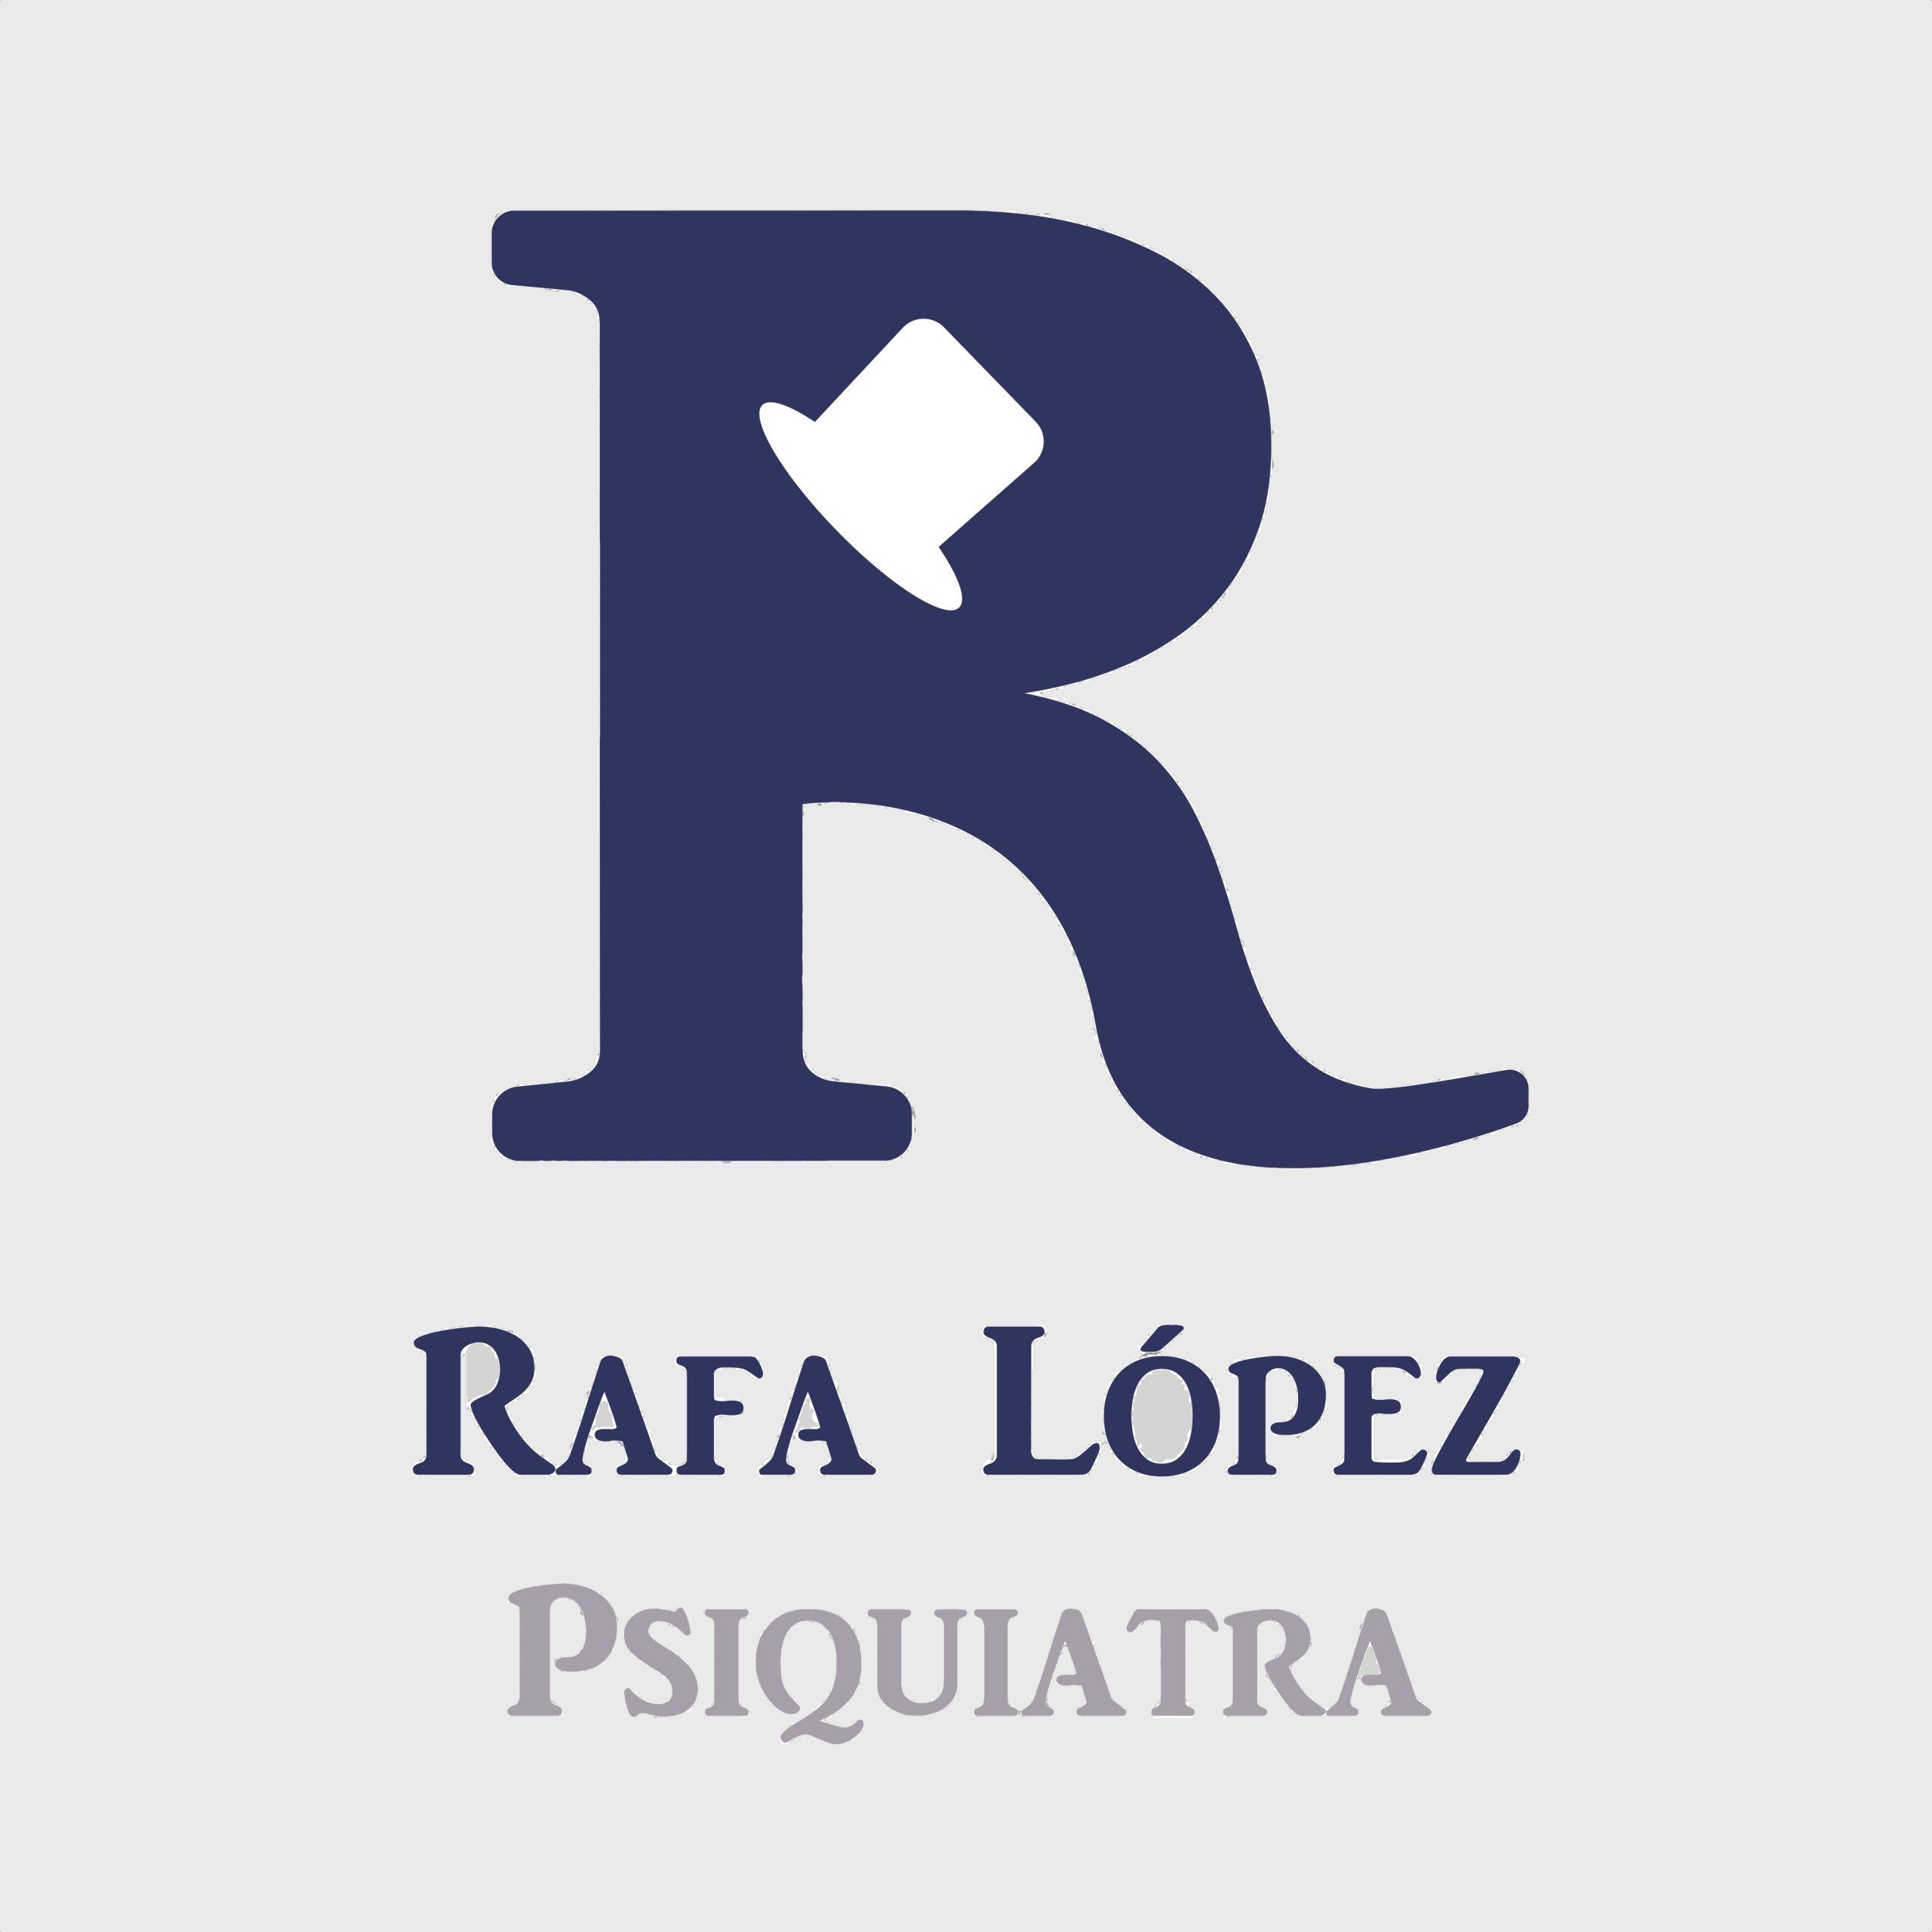 Psiquiatra Rafa Lopez – Host del podcast Supracortical Logo